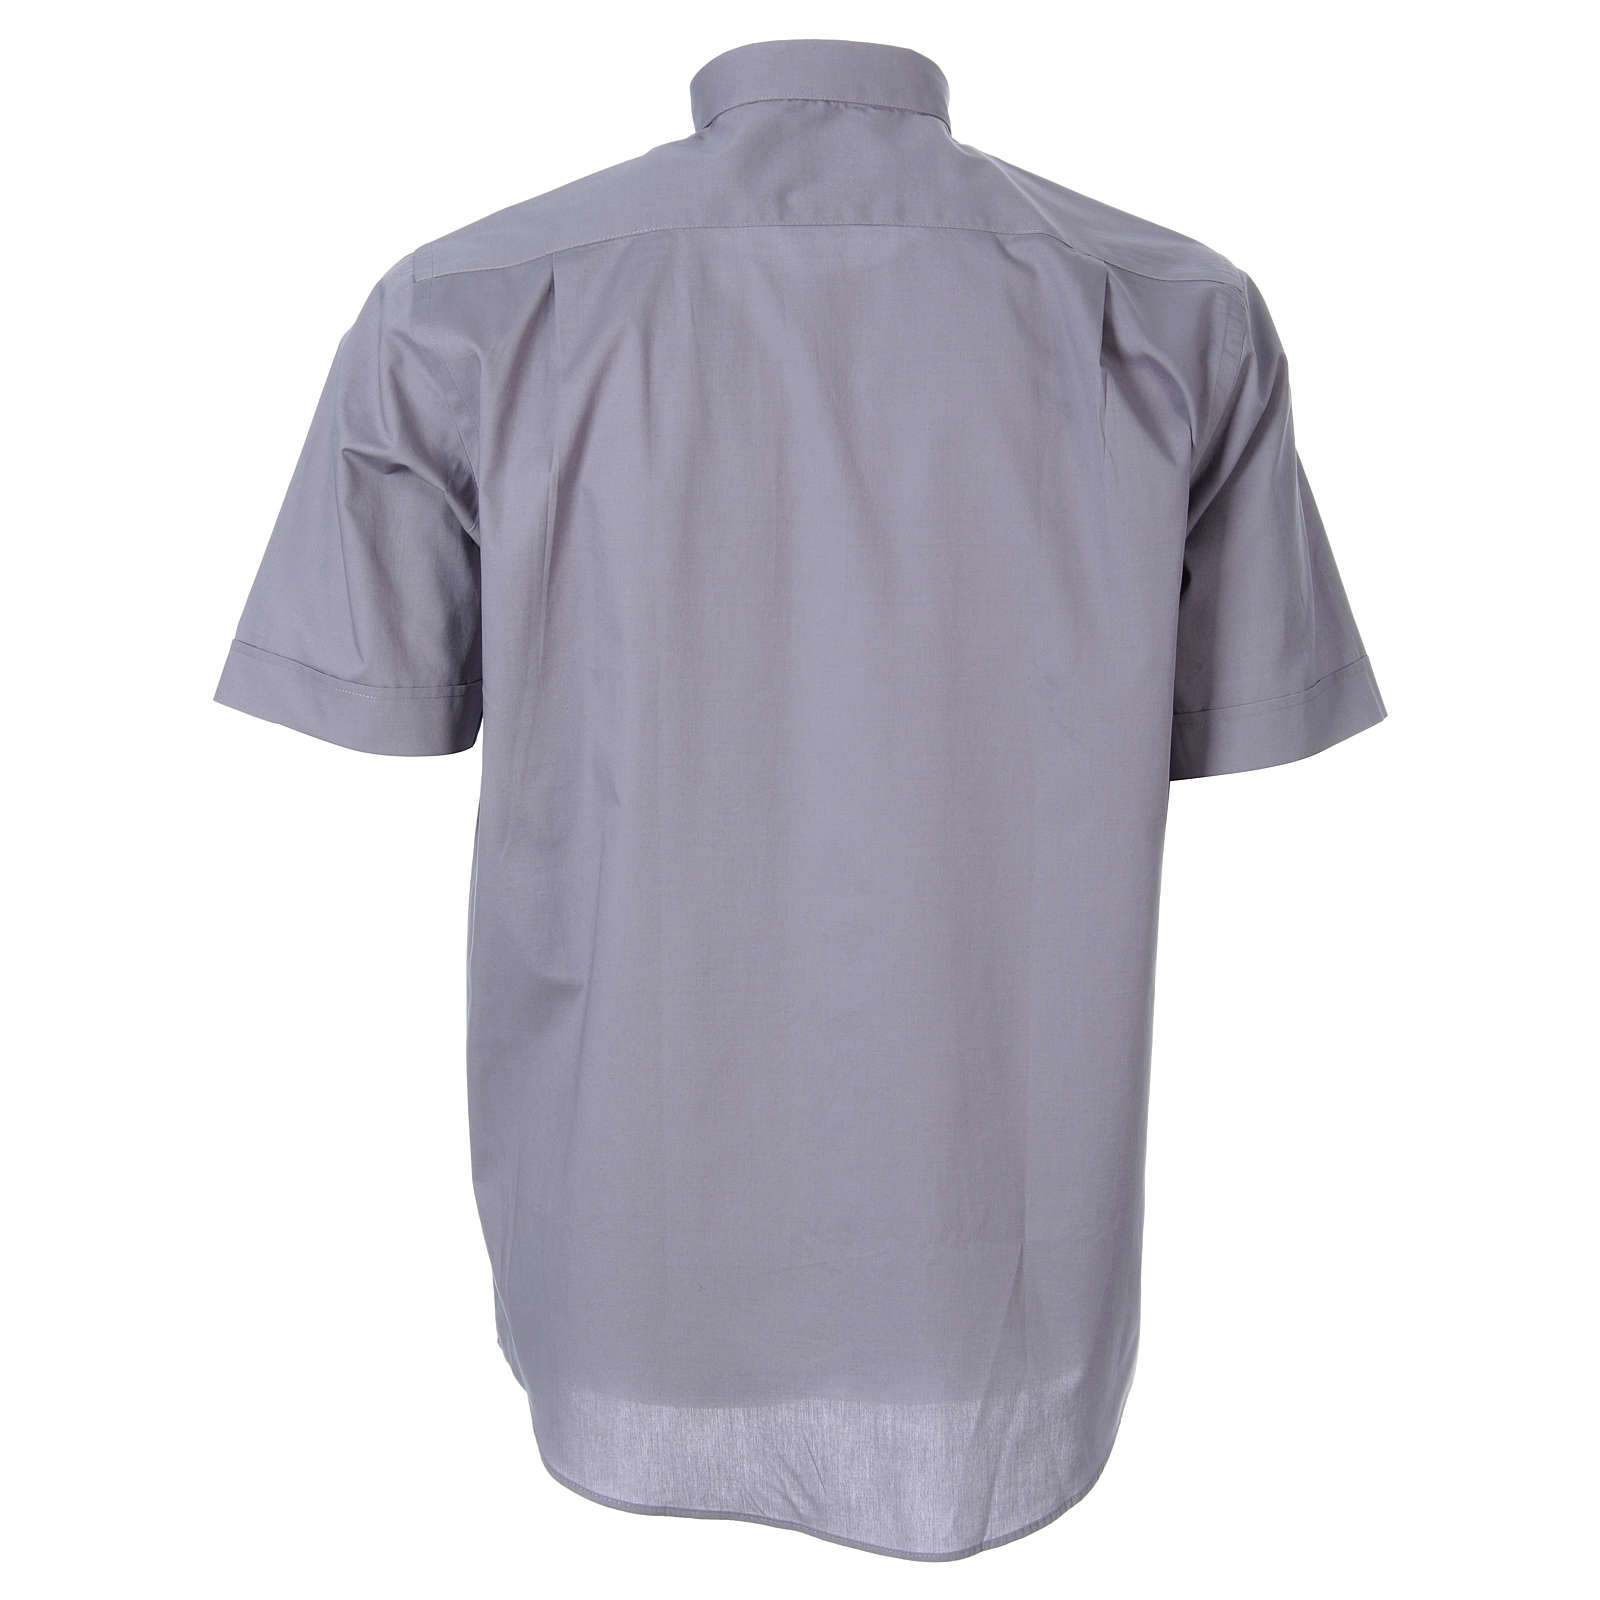 STOCK Koszula kapłańska krótki rękaw popelina jasnoszara 4